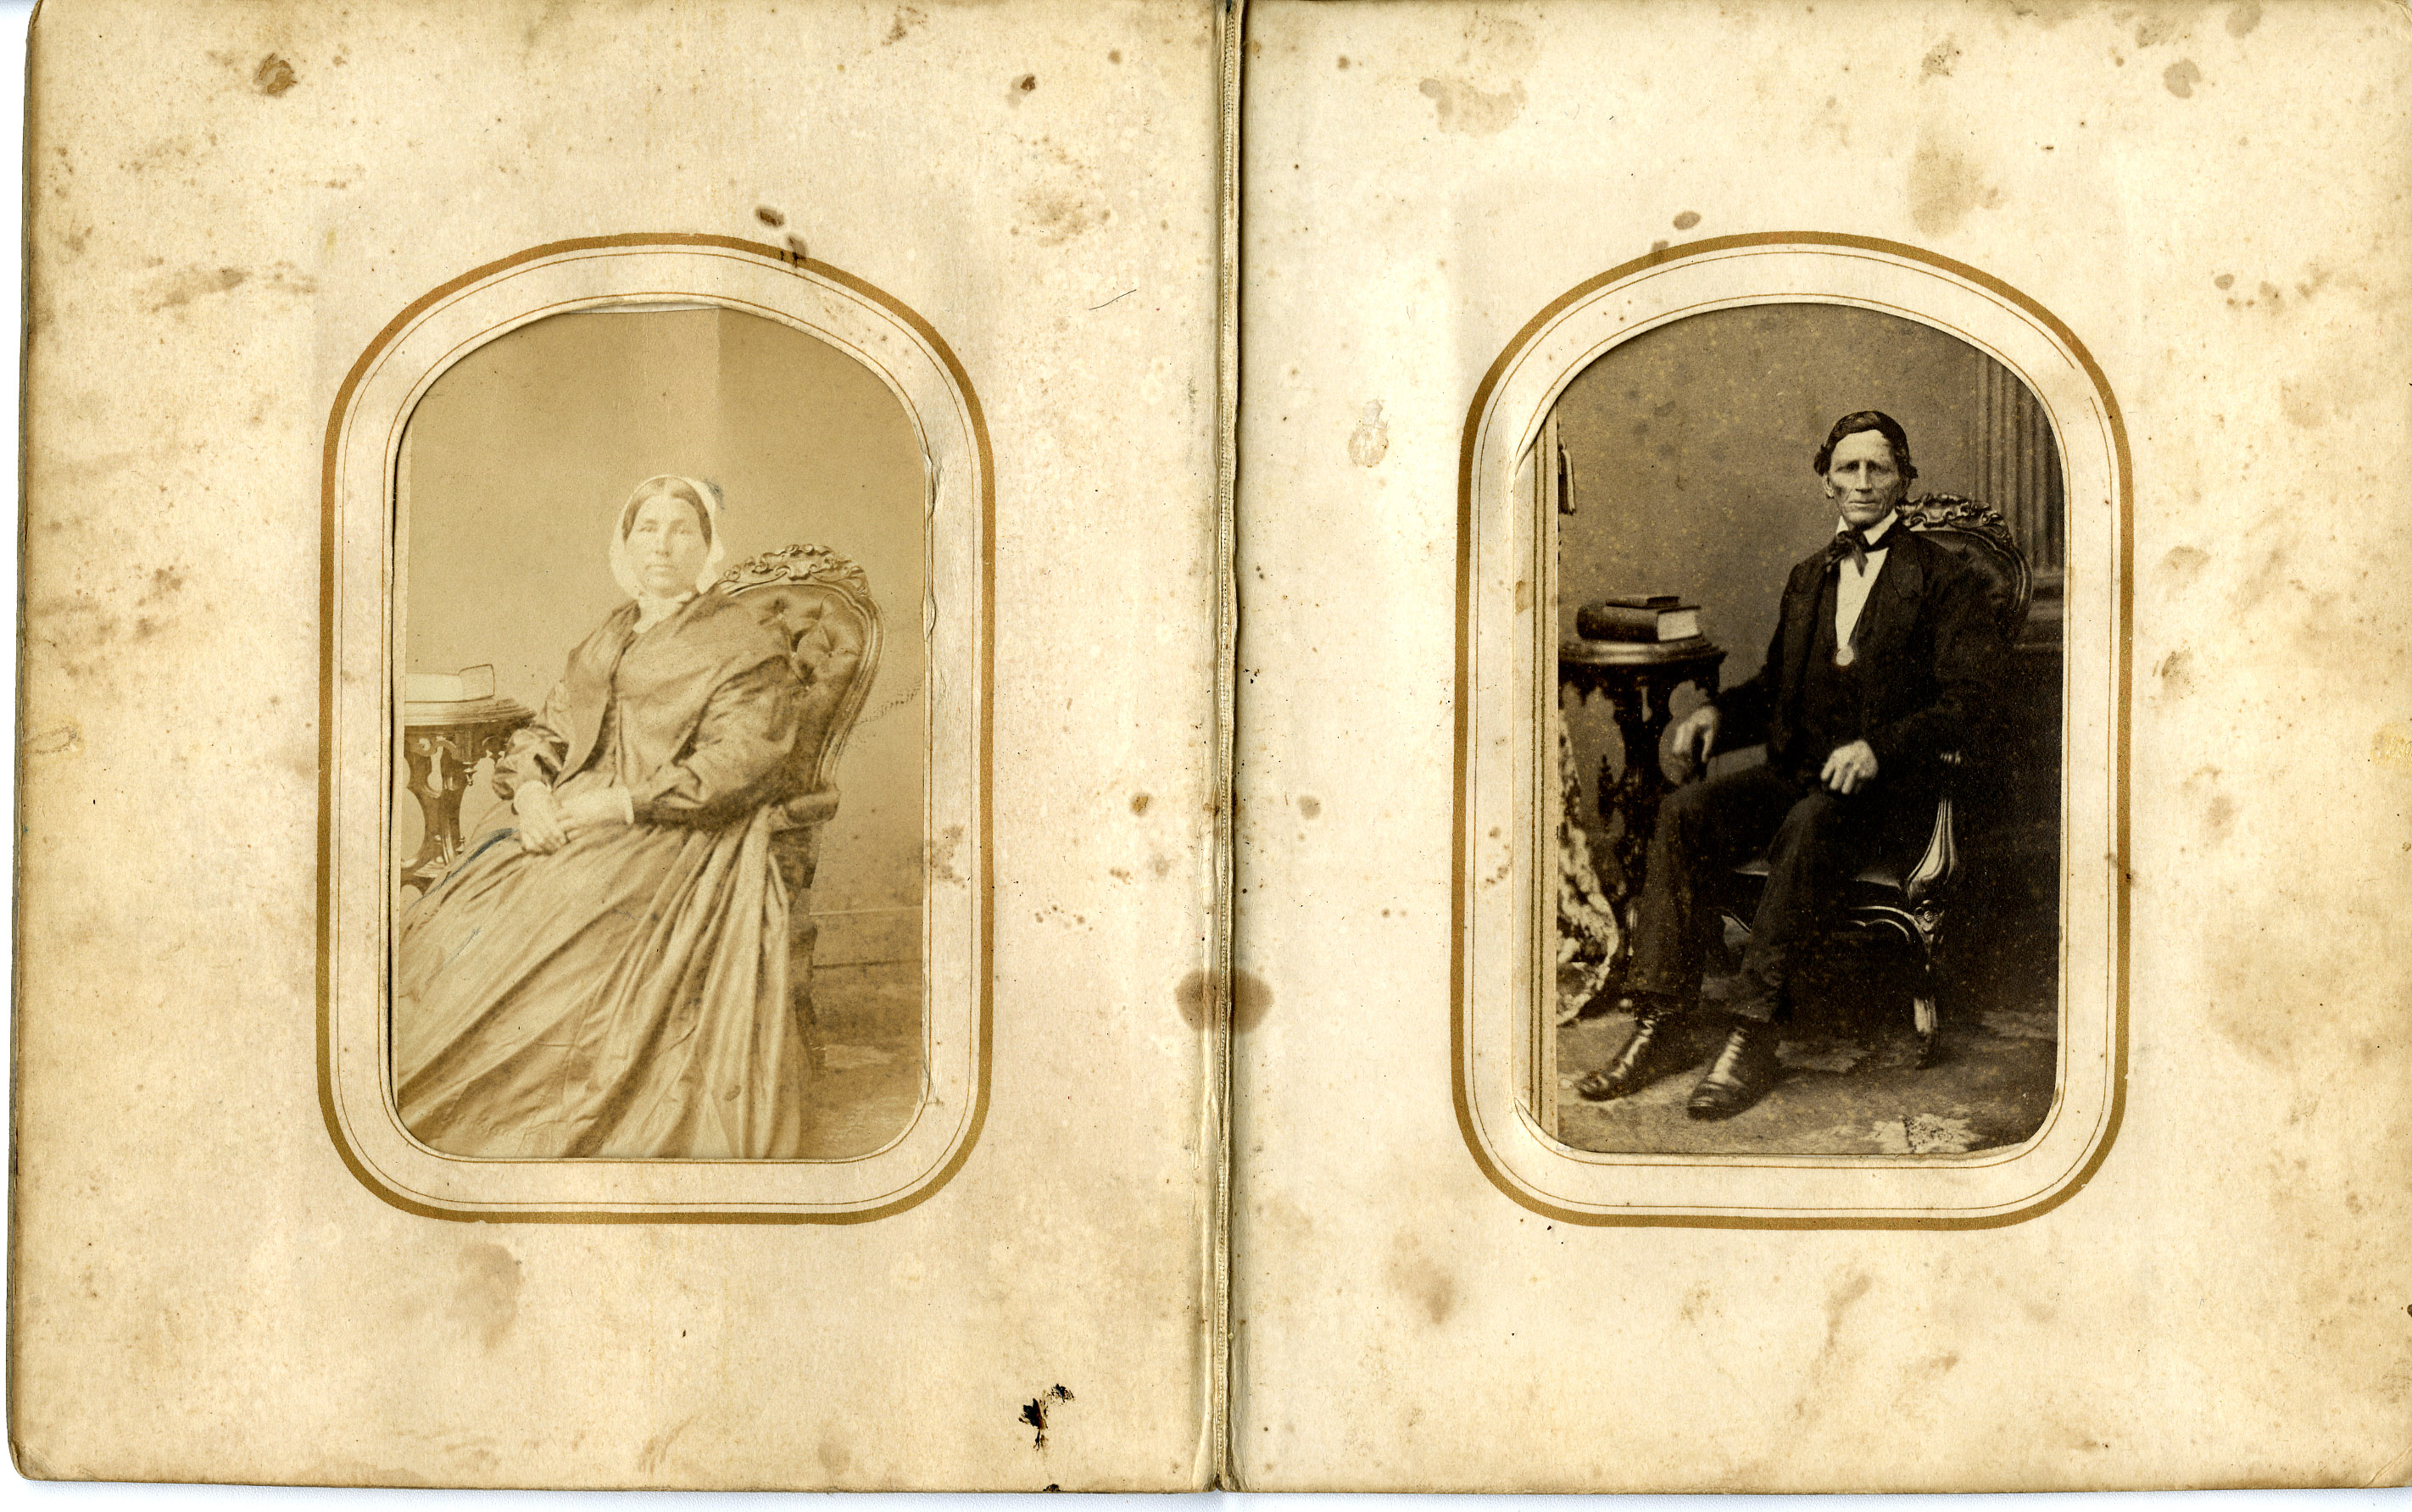 Sinnott Album-found in MainBldg, 1860s